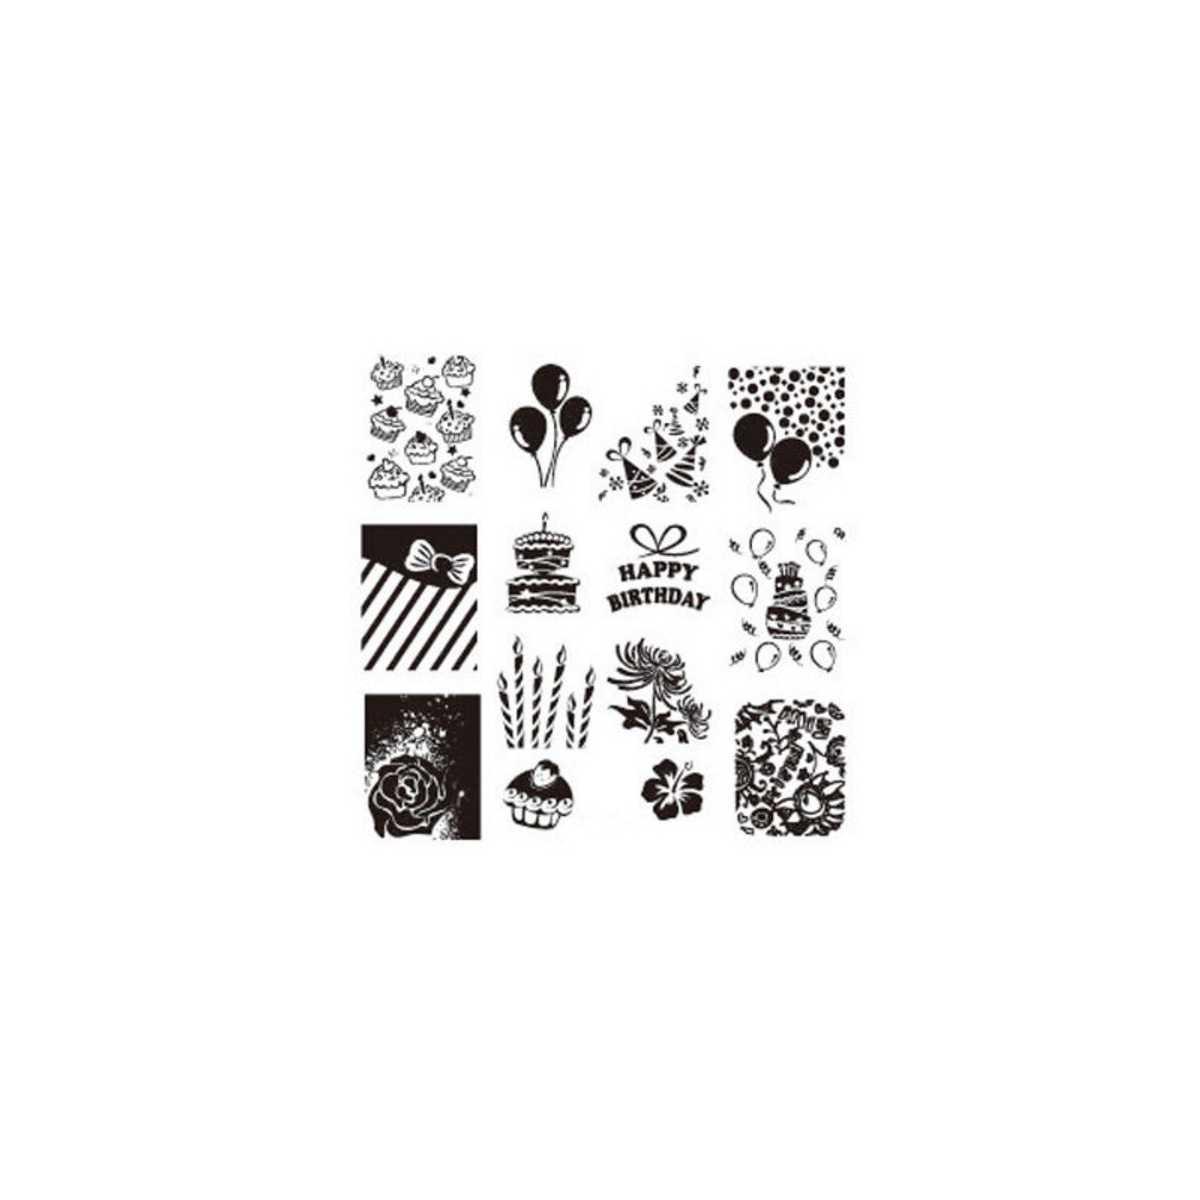 https://www.kit-manucure.com/1027-thickbox_default/plaque-de-stamping-anniversaire-happy-birthday-ballons-gâteau-et-bougies-d-anniversaire.jpg